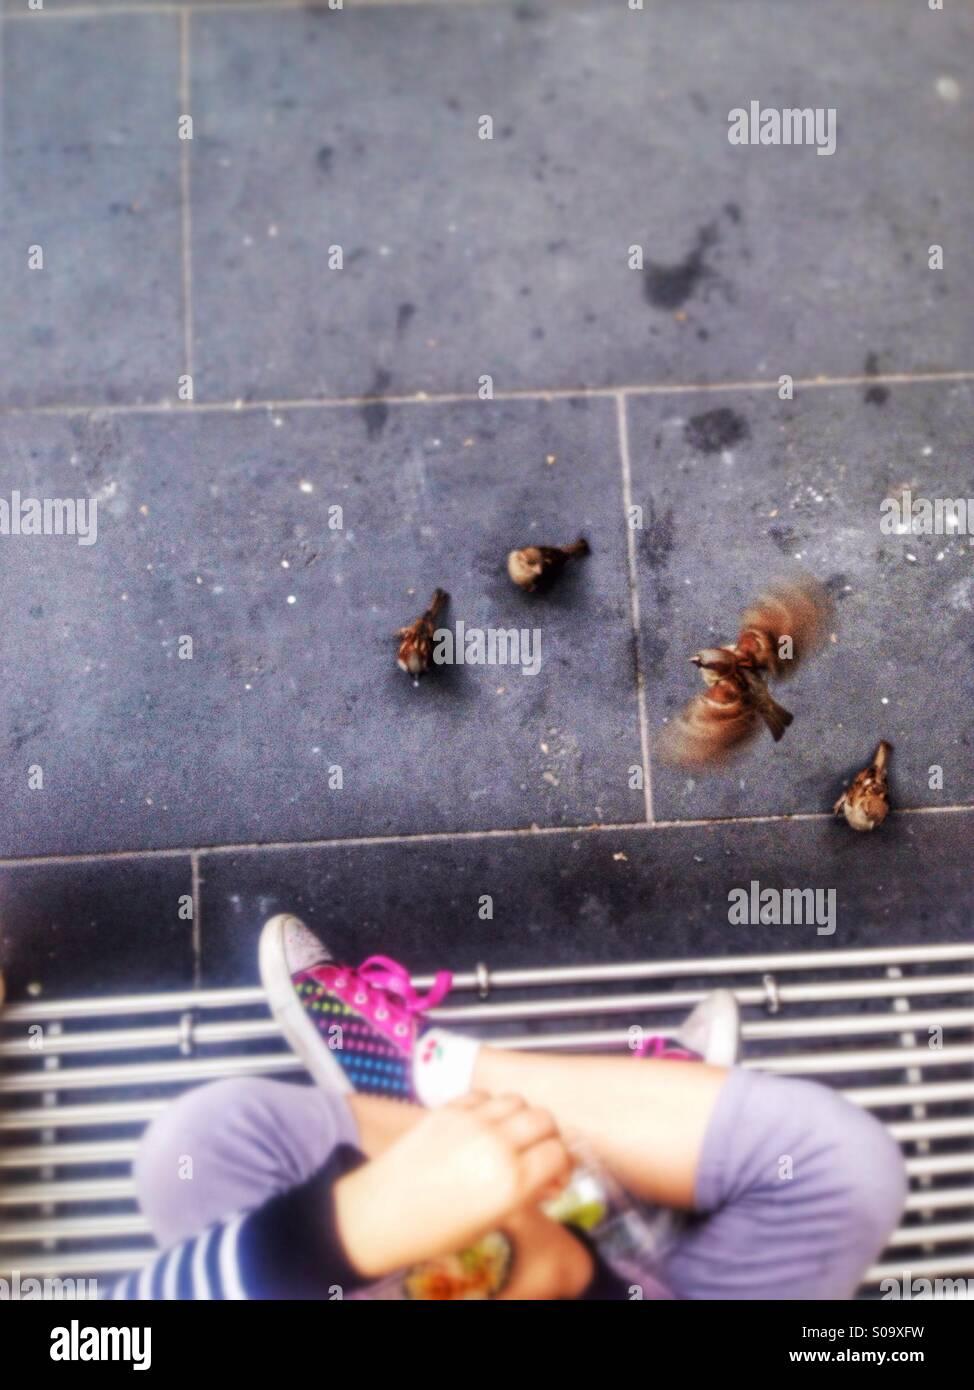 Kleine Mädchen die Vögel zu füttern. Stockbild